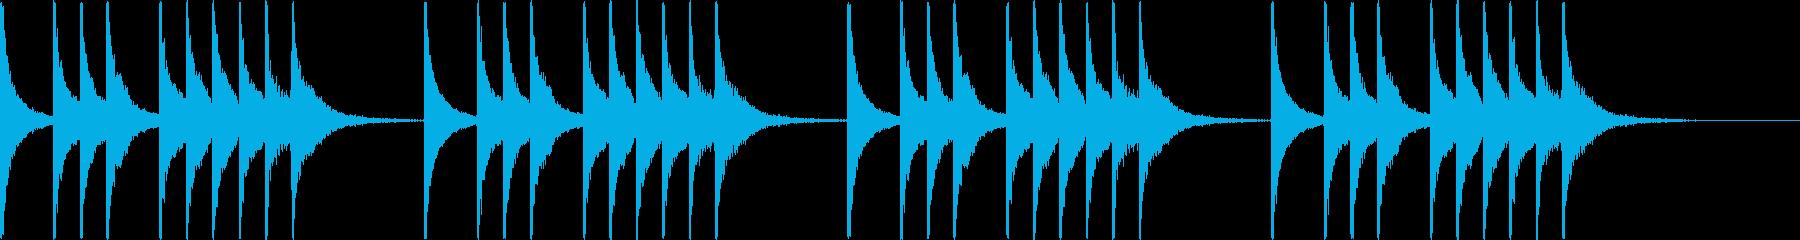 iPhoneっぽい着信音の再生済みの波形